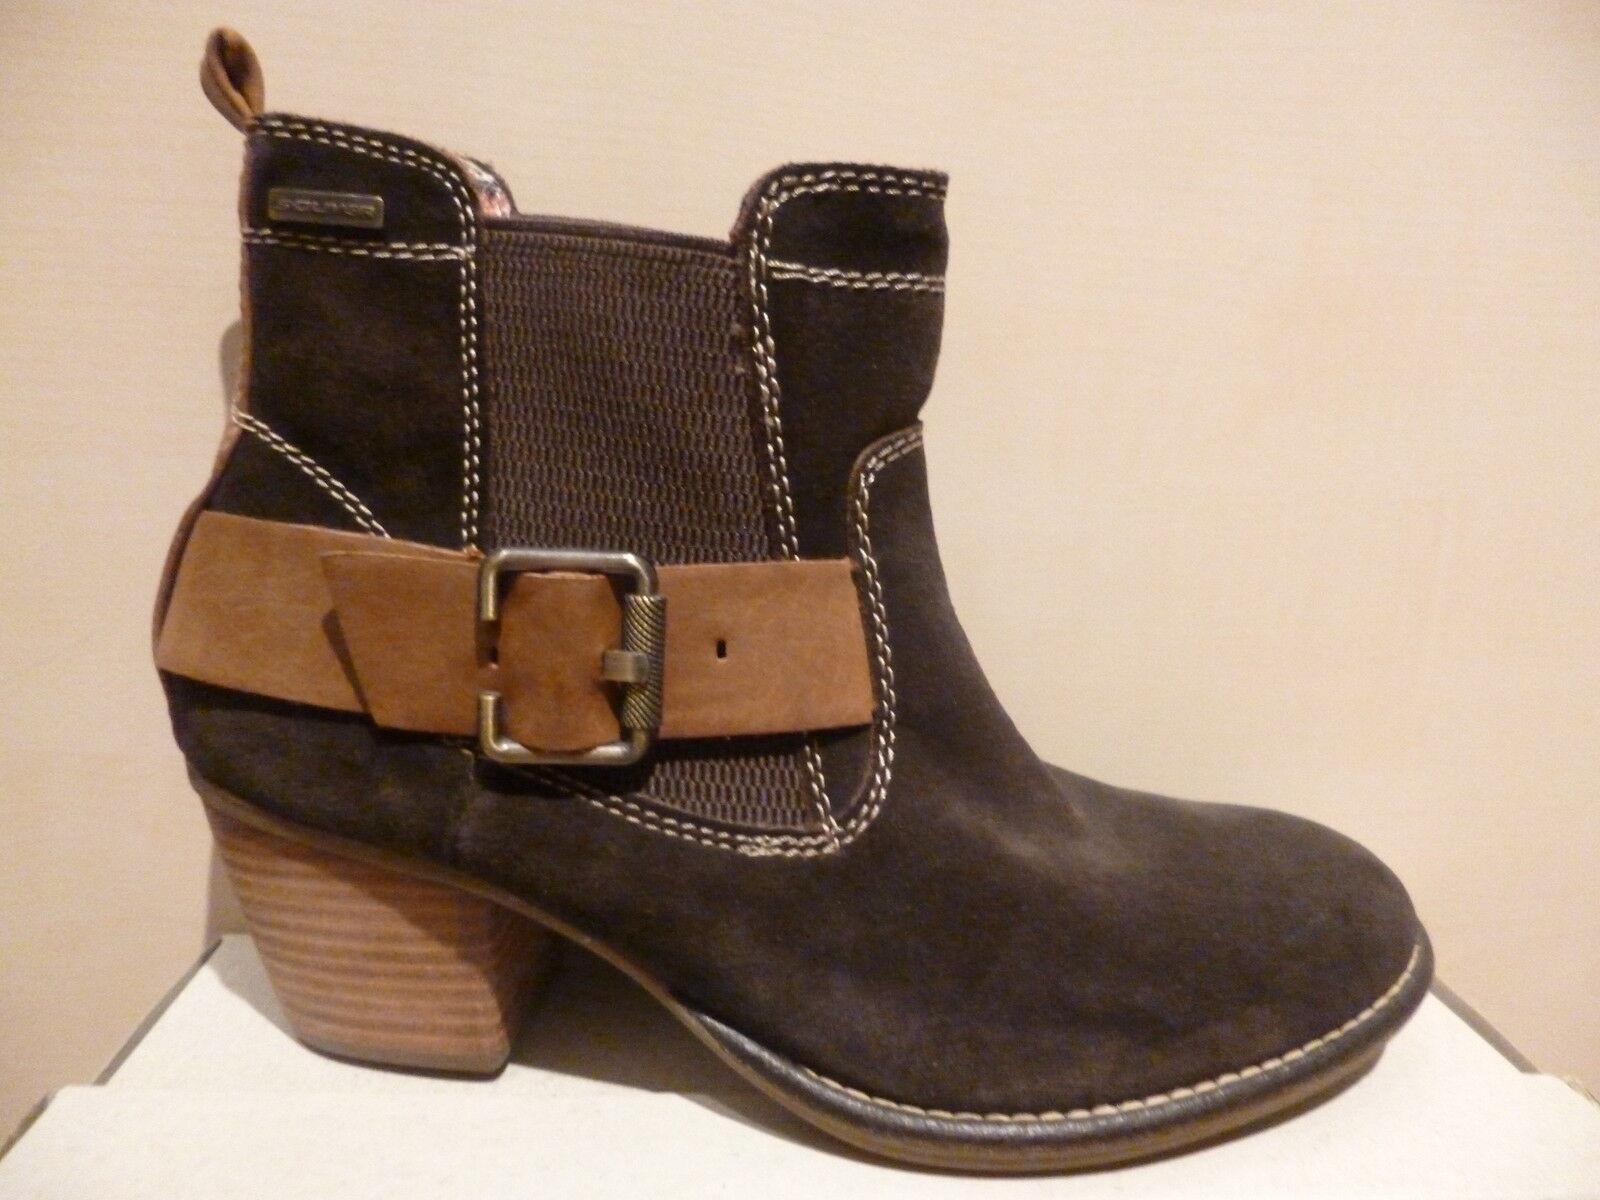 S. Oliver marrón señora botas botines botas ata de cuero marrón Oliver nuevo 5bbfbd